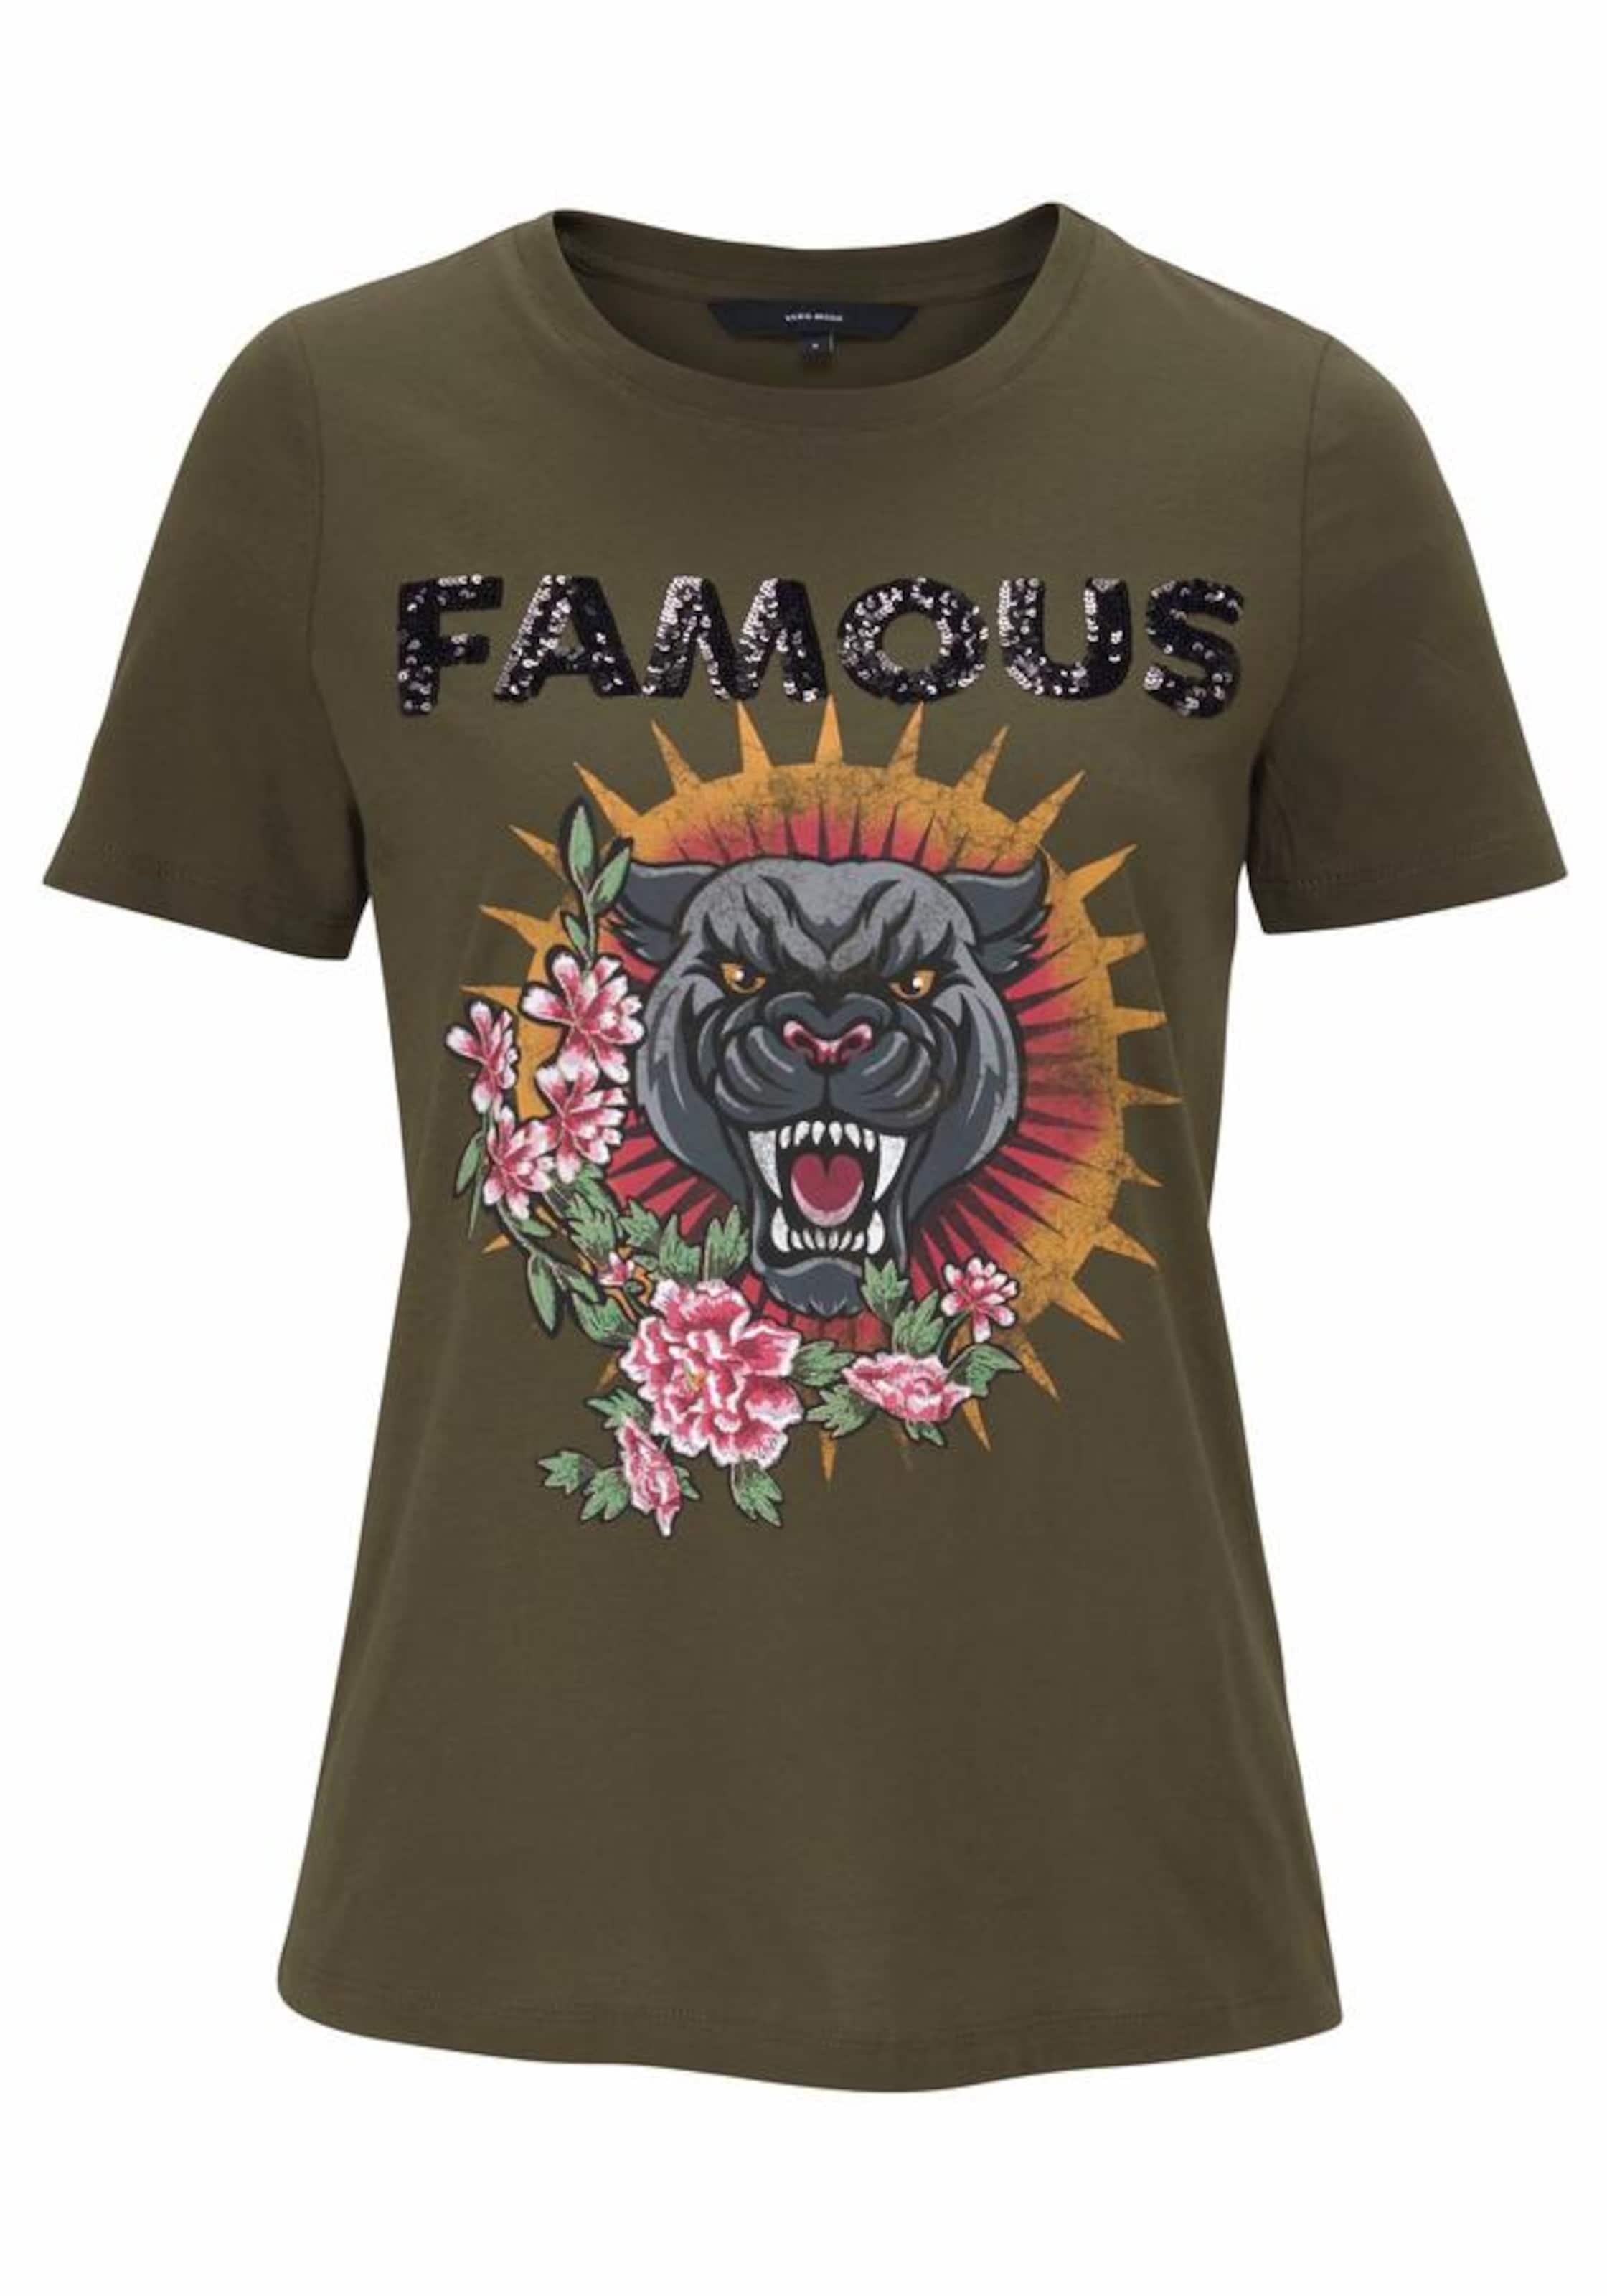 Shop-Angebot Verkauf Online Online-Shopping-Spielraum VERO MODA T-Shirt 'MANDO' Spielraum Angebote 7MlqgmUjC